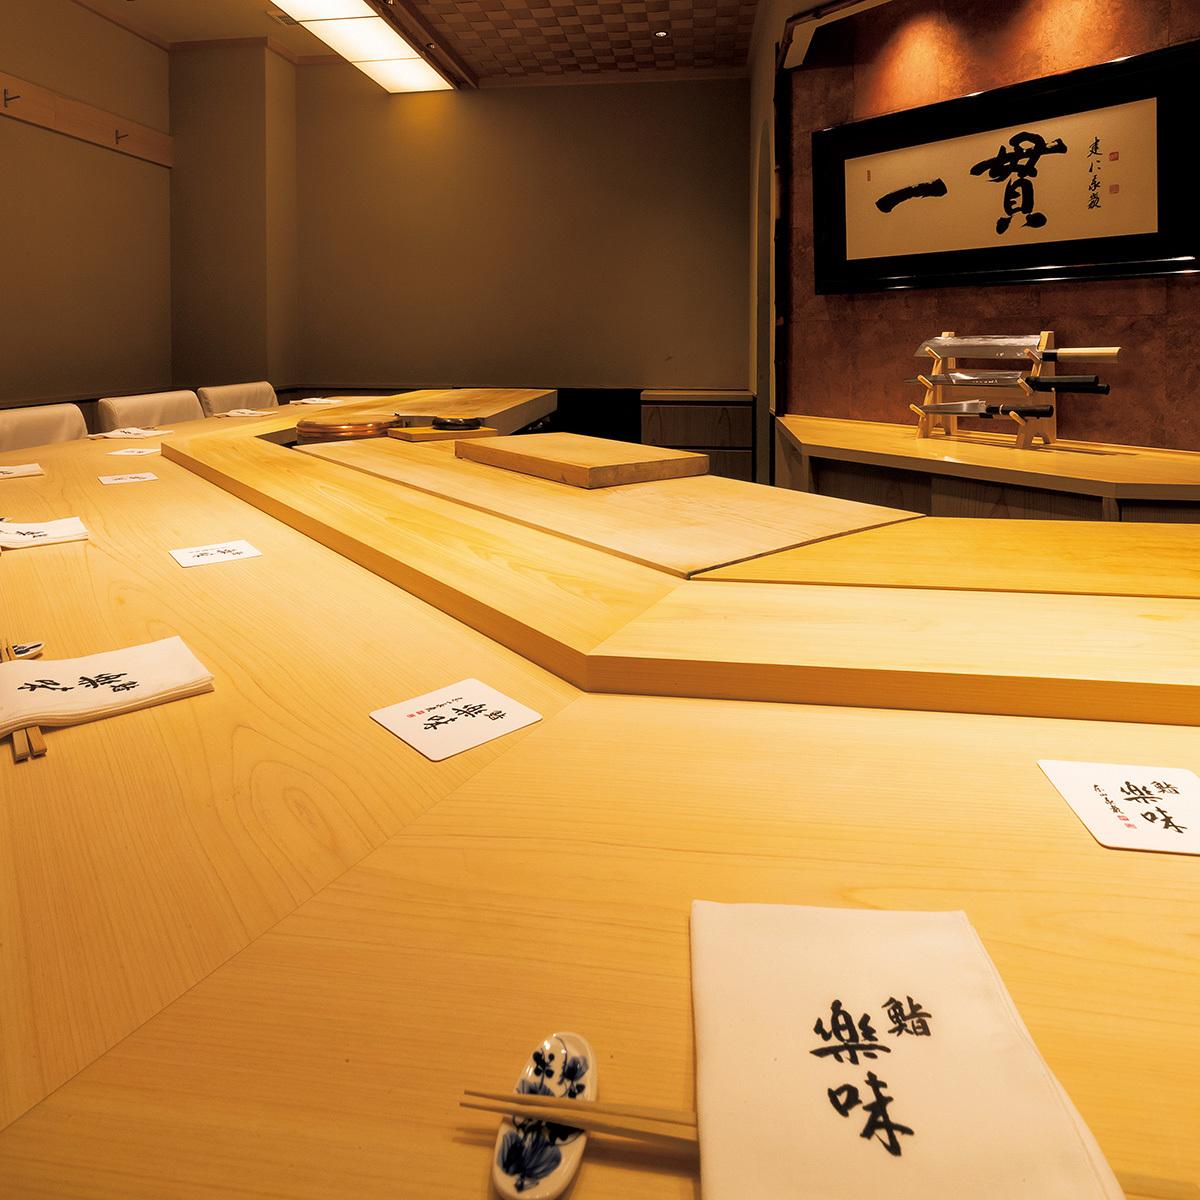 京都の三条京阪にある寿司店「鮨 楽味」のカウンター